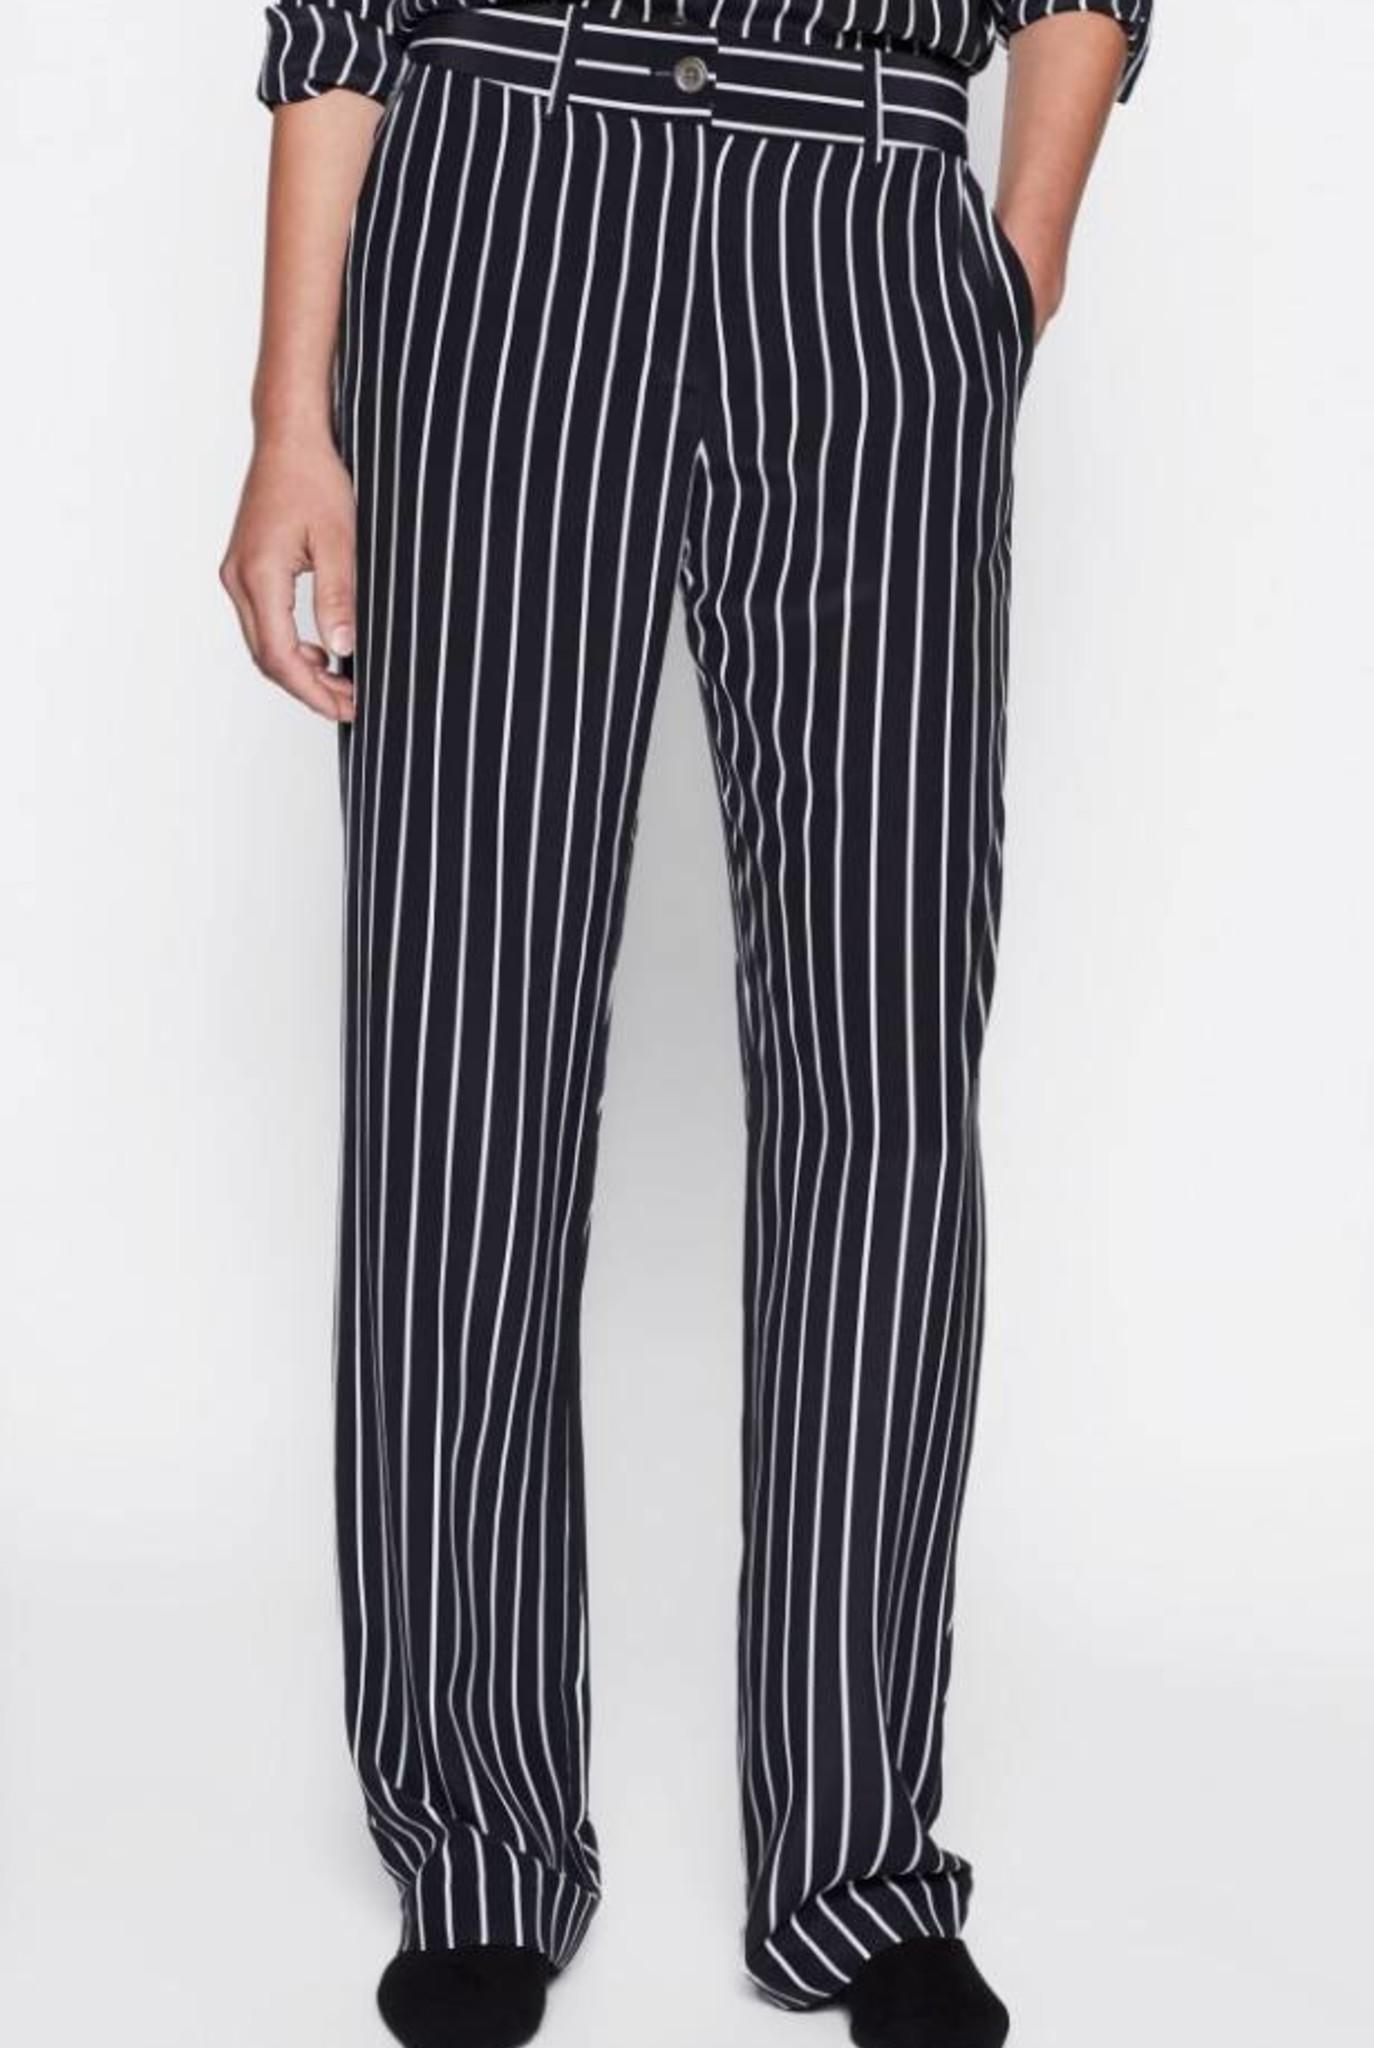 Lita trousers true black stripe